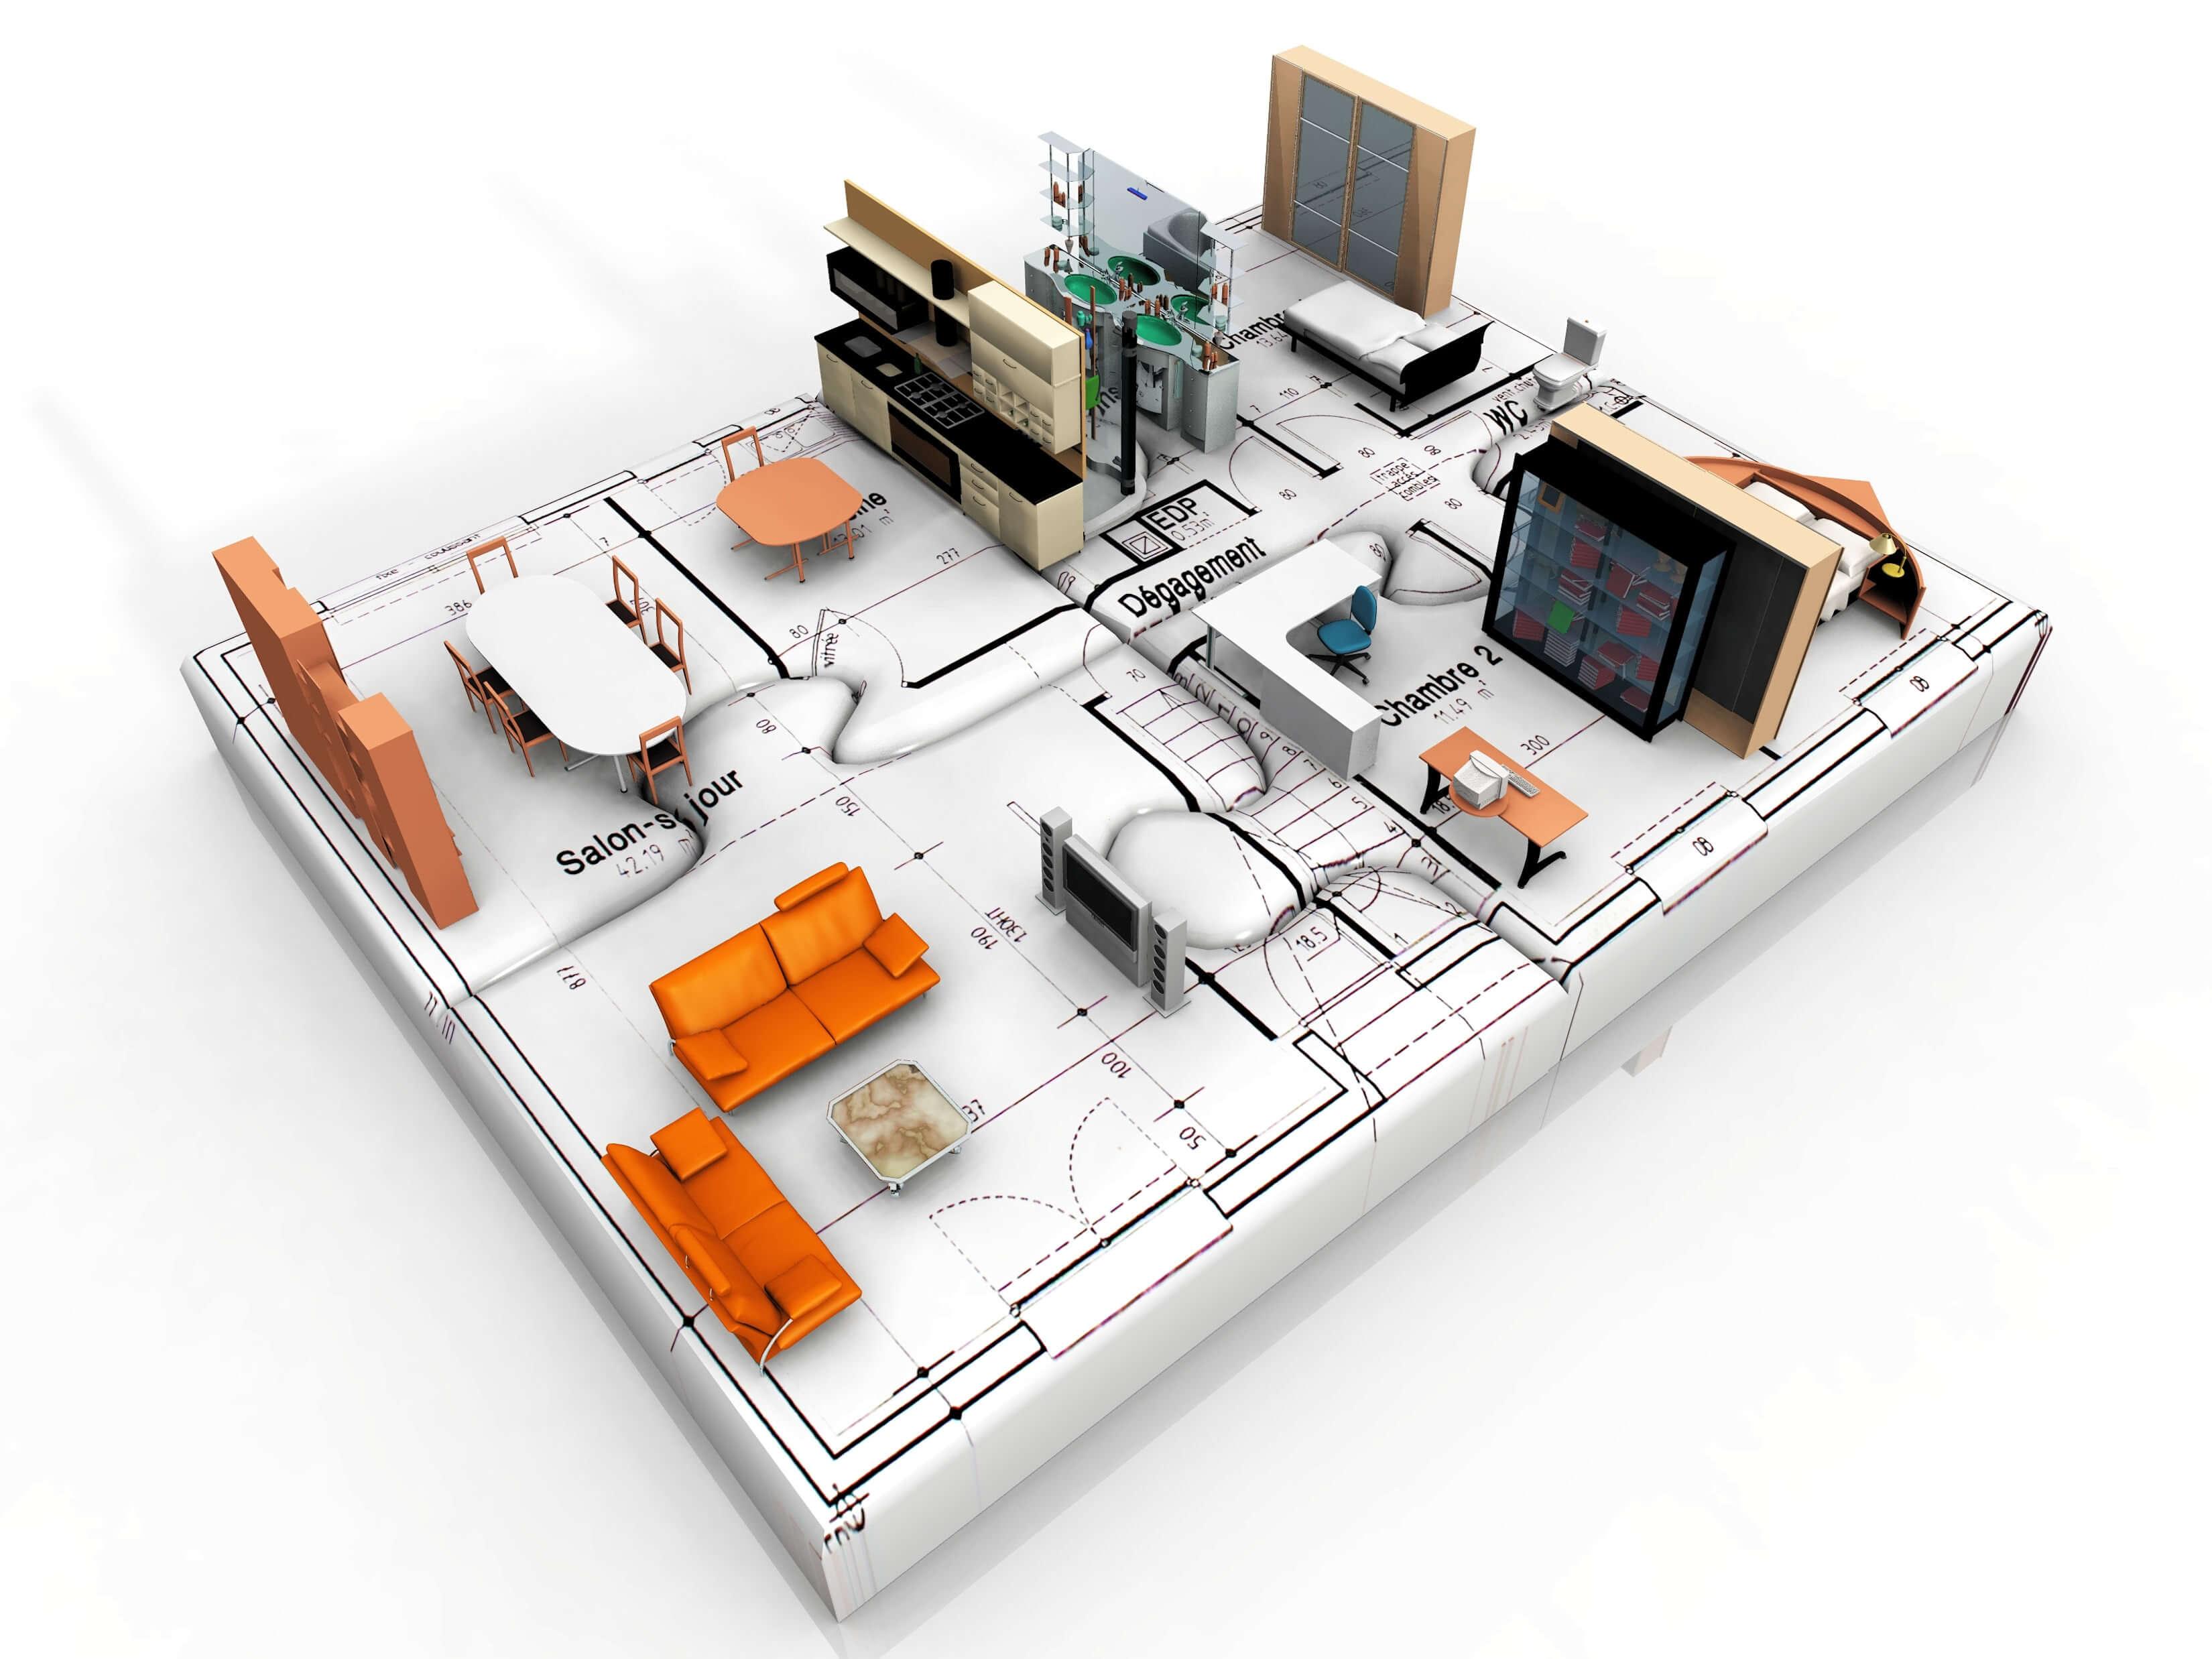 Haus planen 3d  3D CAD Haus Konfigurator Programm für Profis